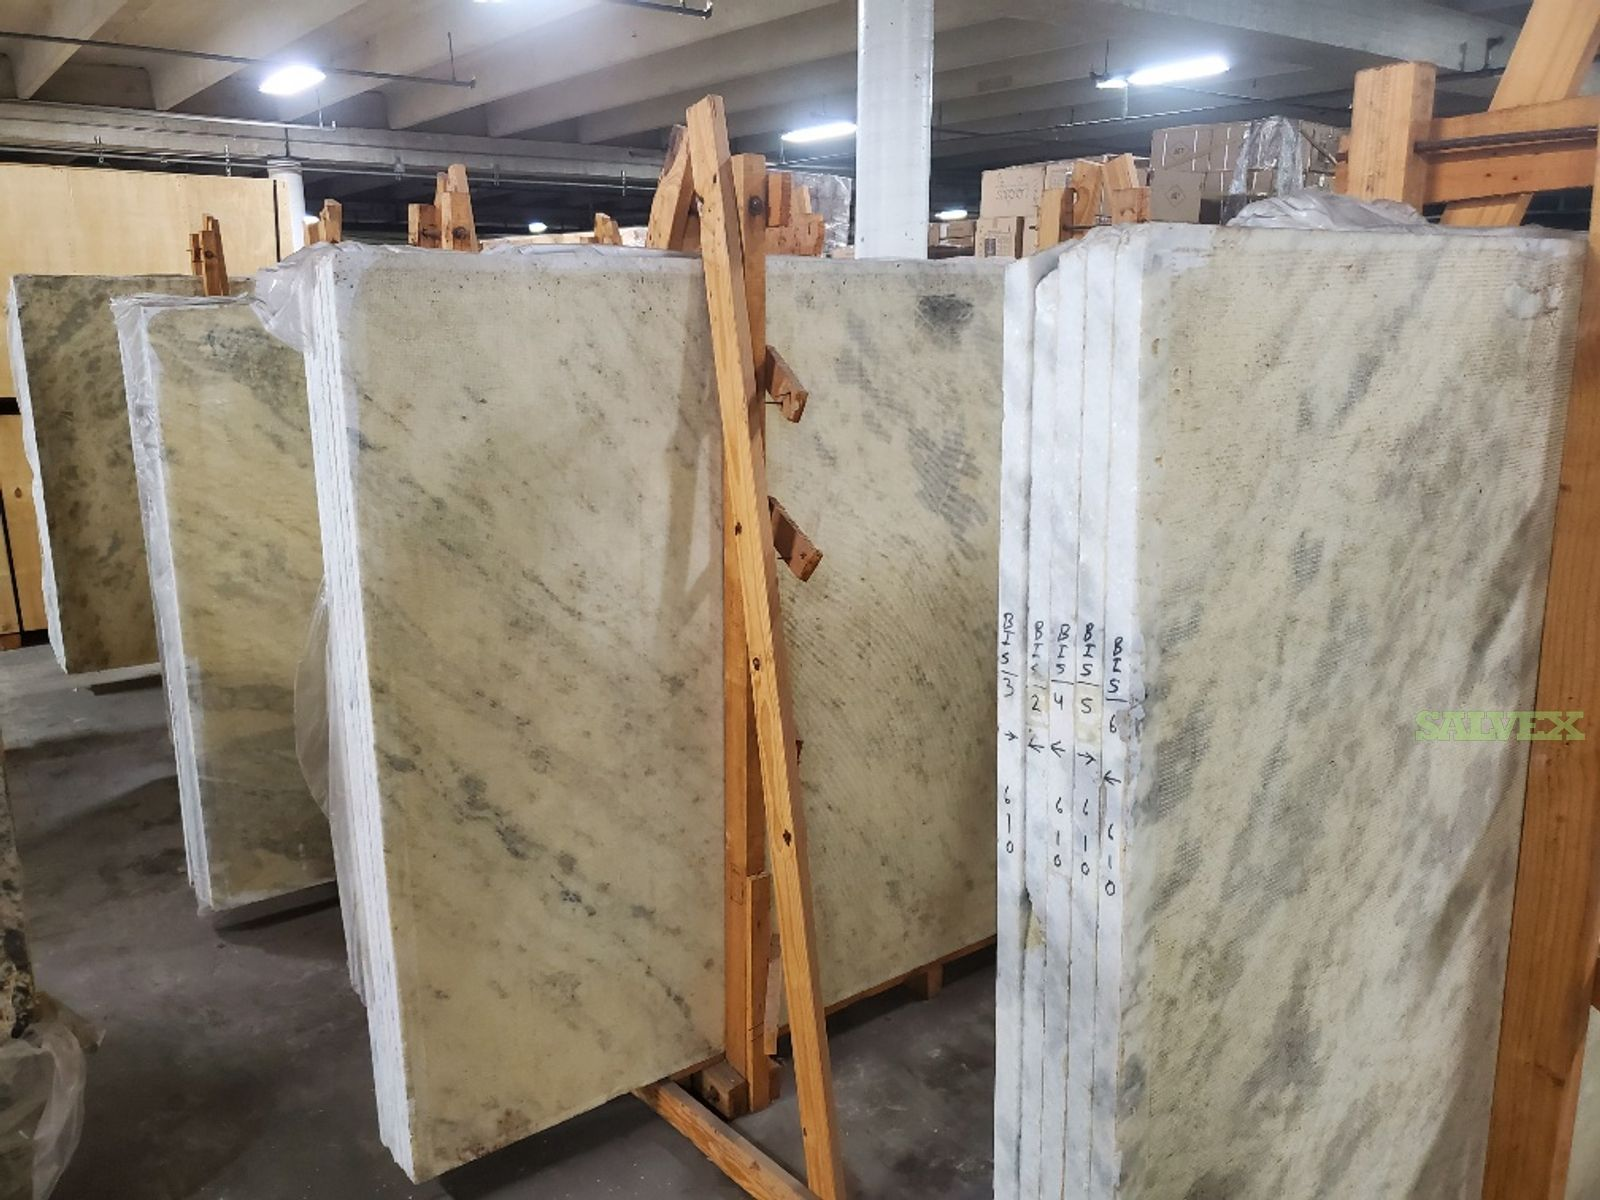 Polished Marble/Granite Slabs  ( 16 Bundles / 124 Slabs ) in Florida